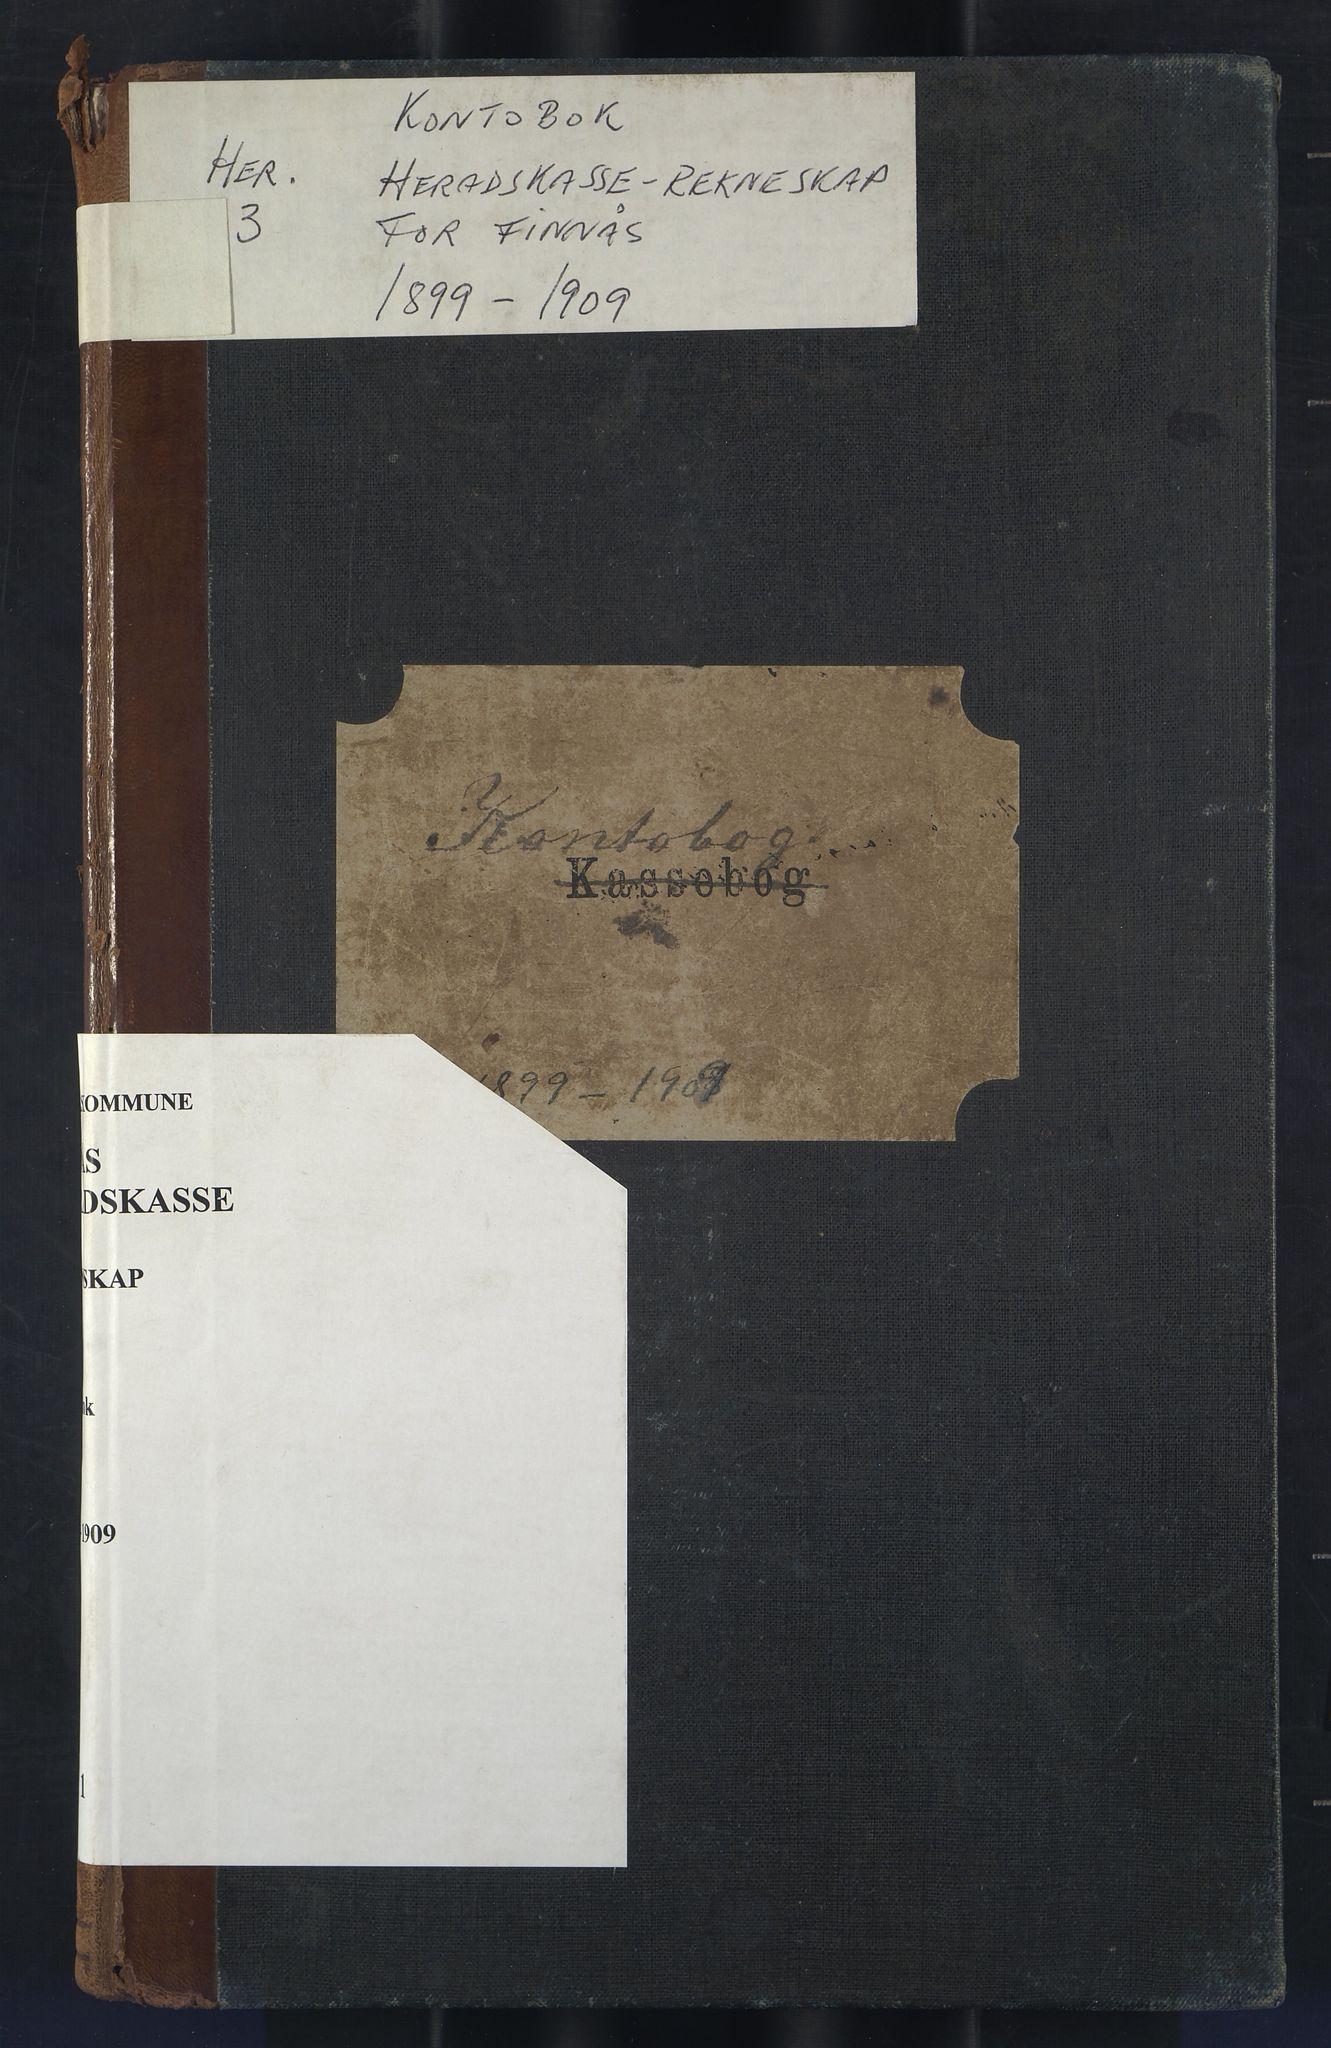 IKAH, Finnaas kommune. Heradskassen, R/Rc/Rca/L0001: Kontobok, 1899-1909